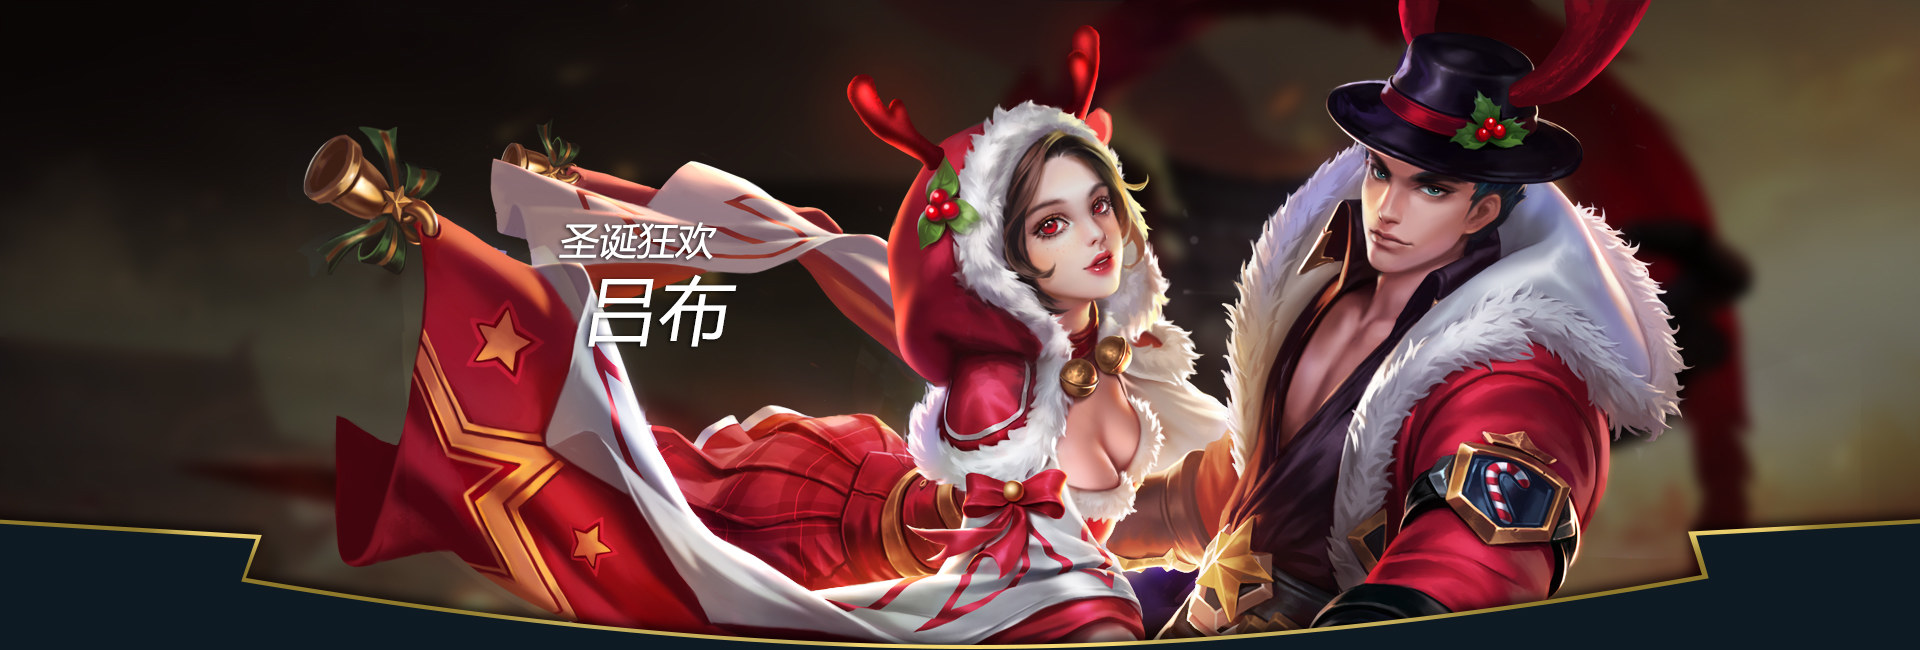 第2弹《王者荣耀英雄皮肤CG》竞技游戏152